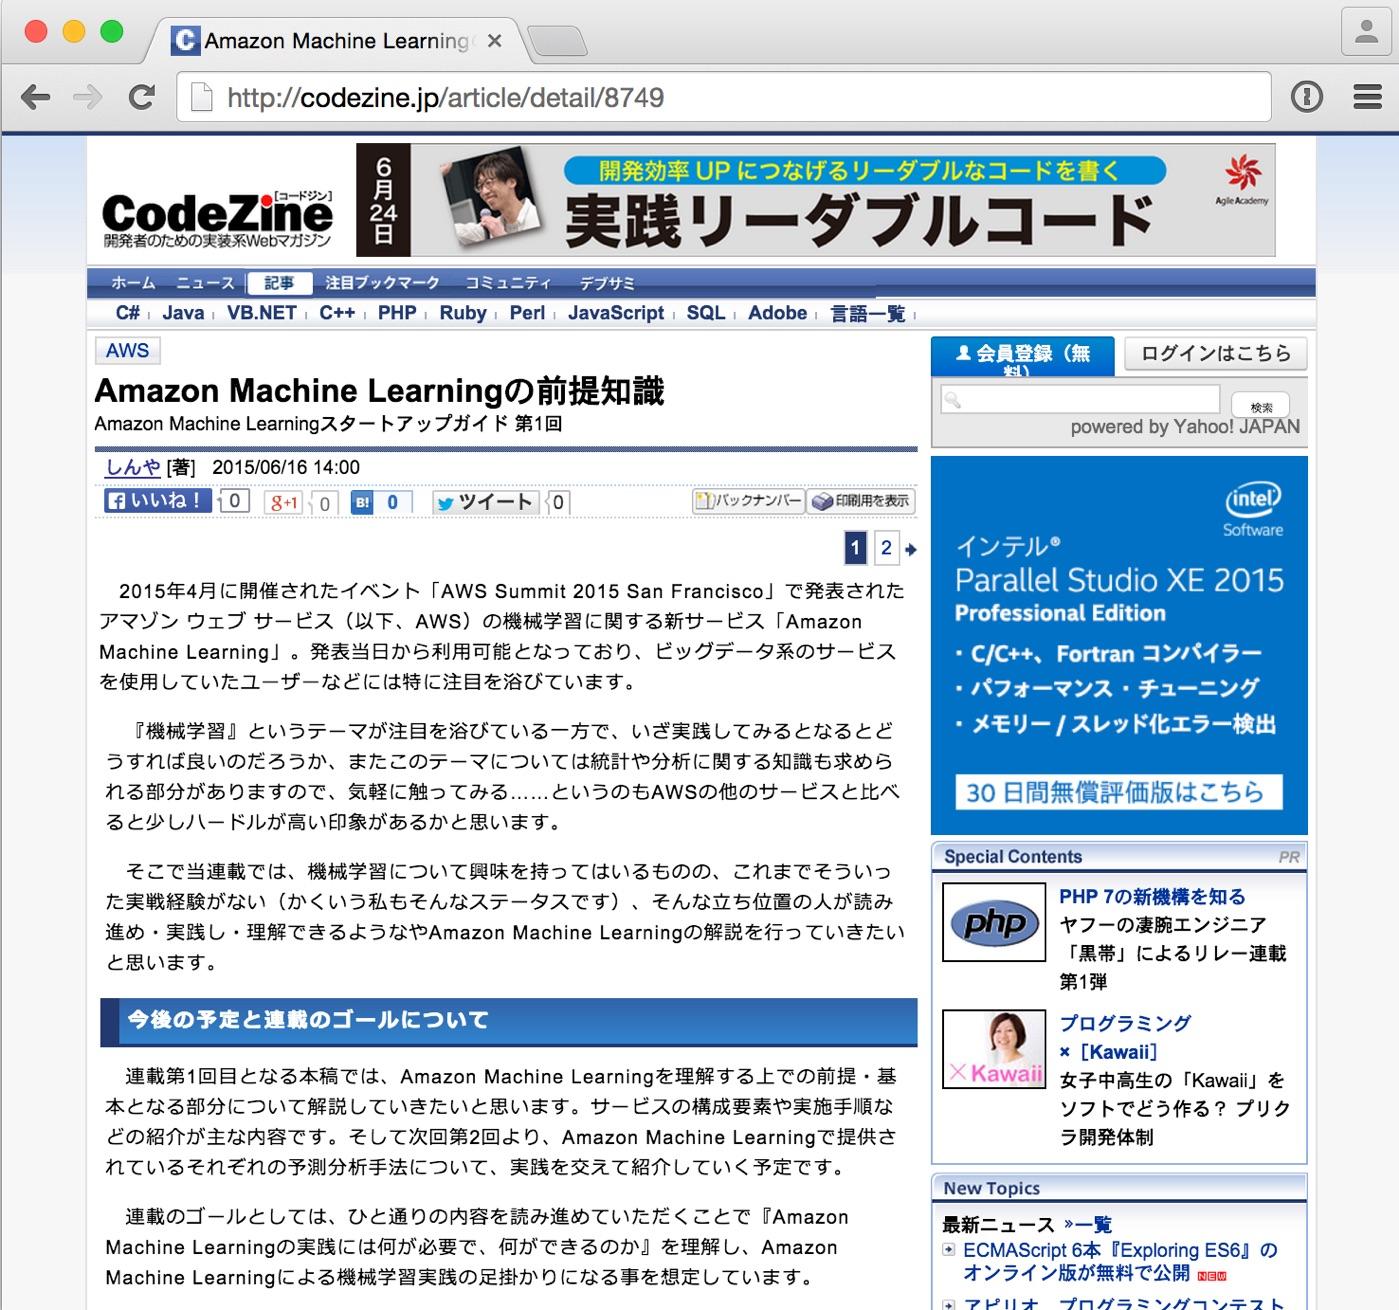 codezine_series_amazon-ml-01